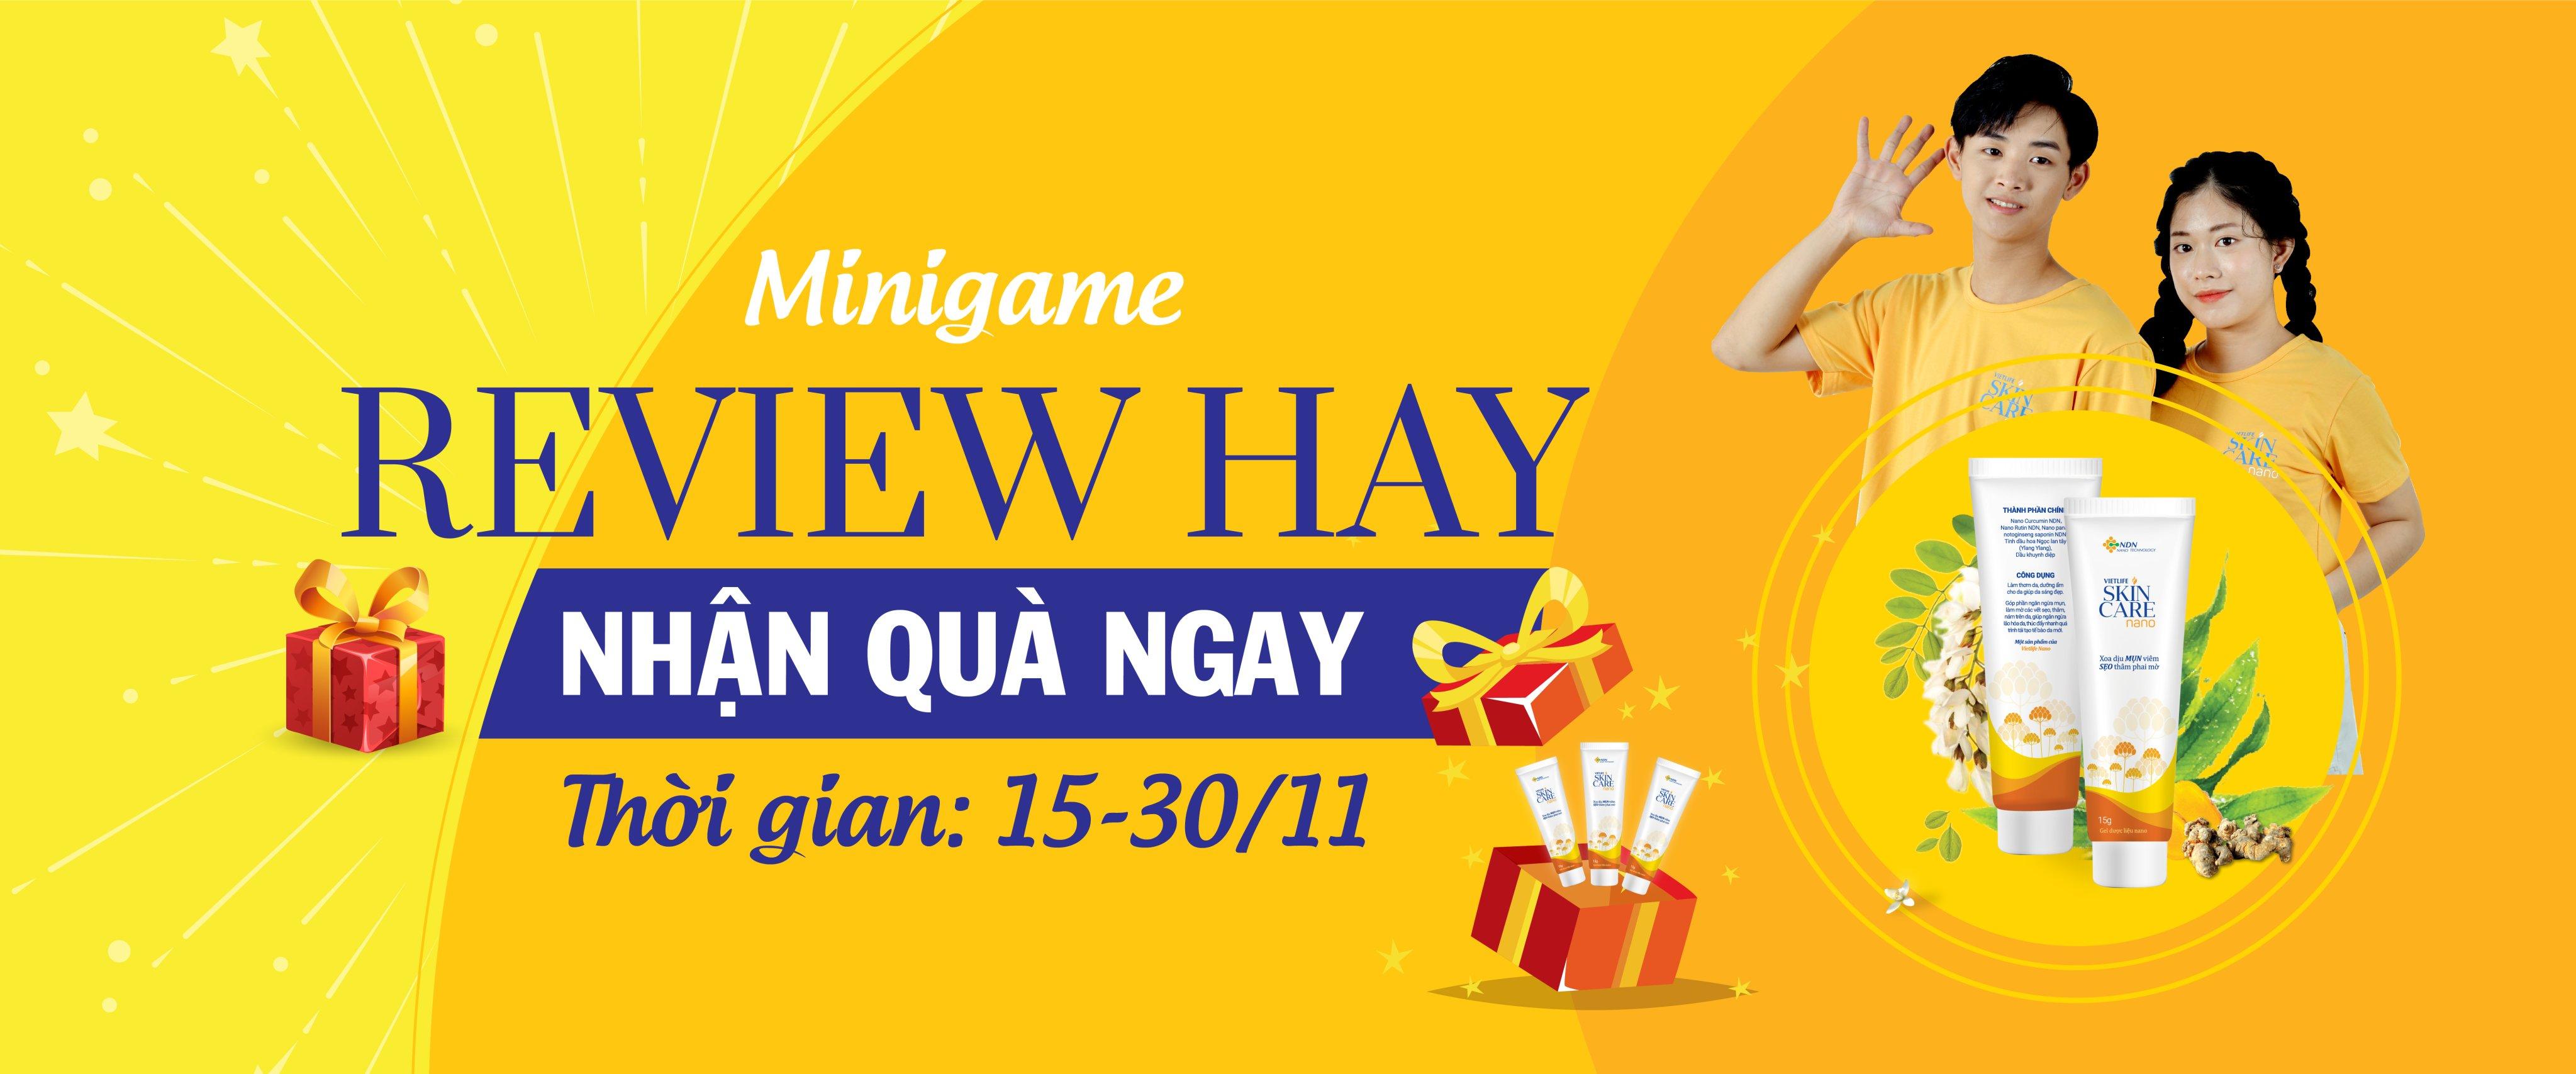 Minigame_15/11-30/11: Review hay- nhận quà ngay 1